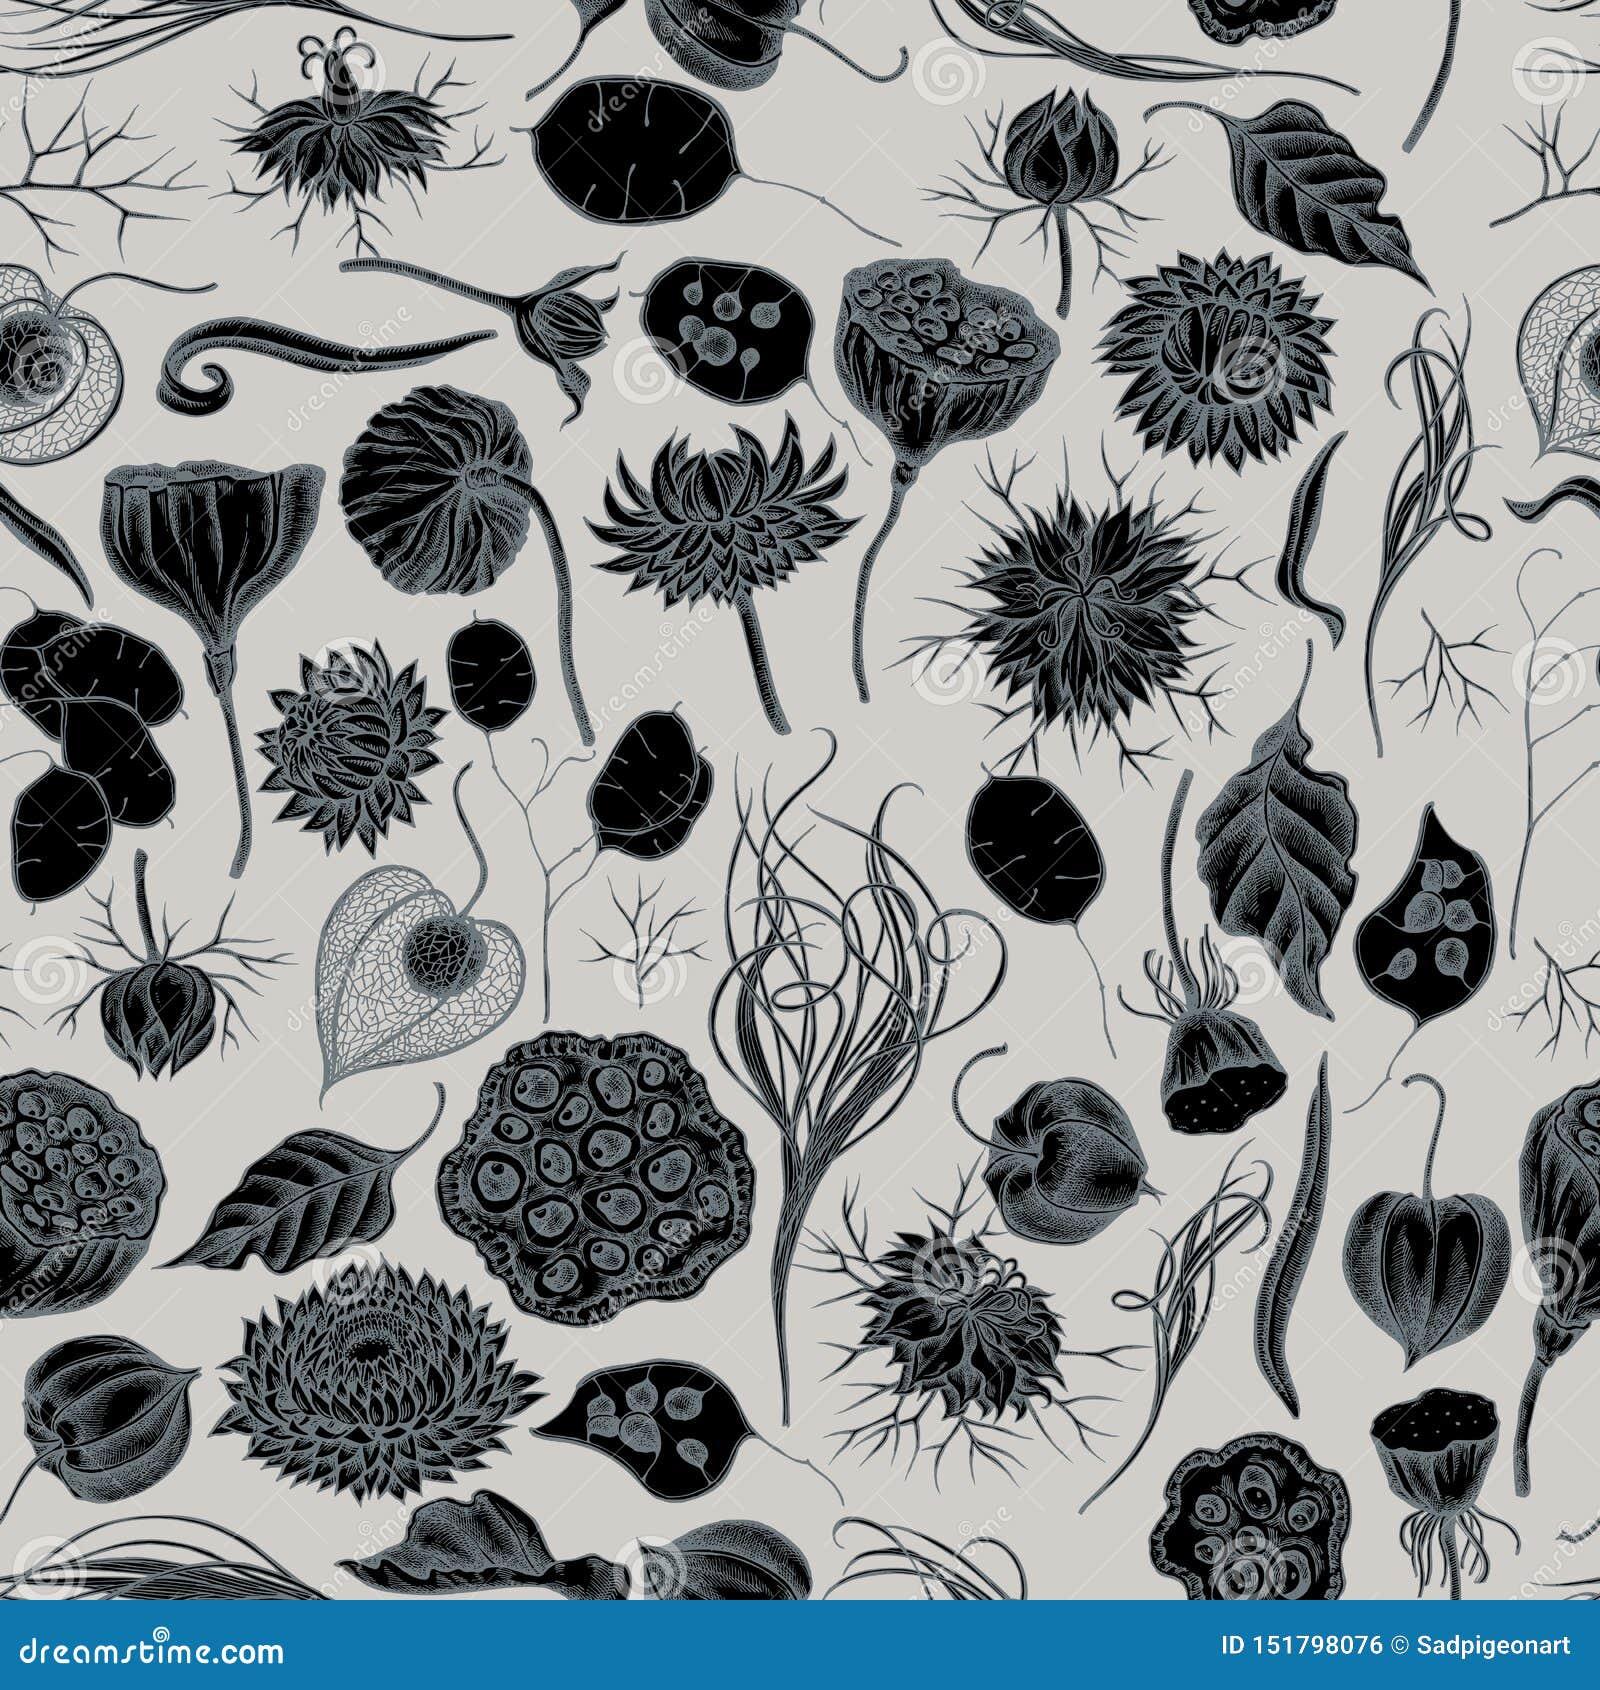 Het naadloze patroon met getrokken hand stileerde zwarte karwij, pluimgras, helichrysum, lotusbloem, lunaria, physalis